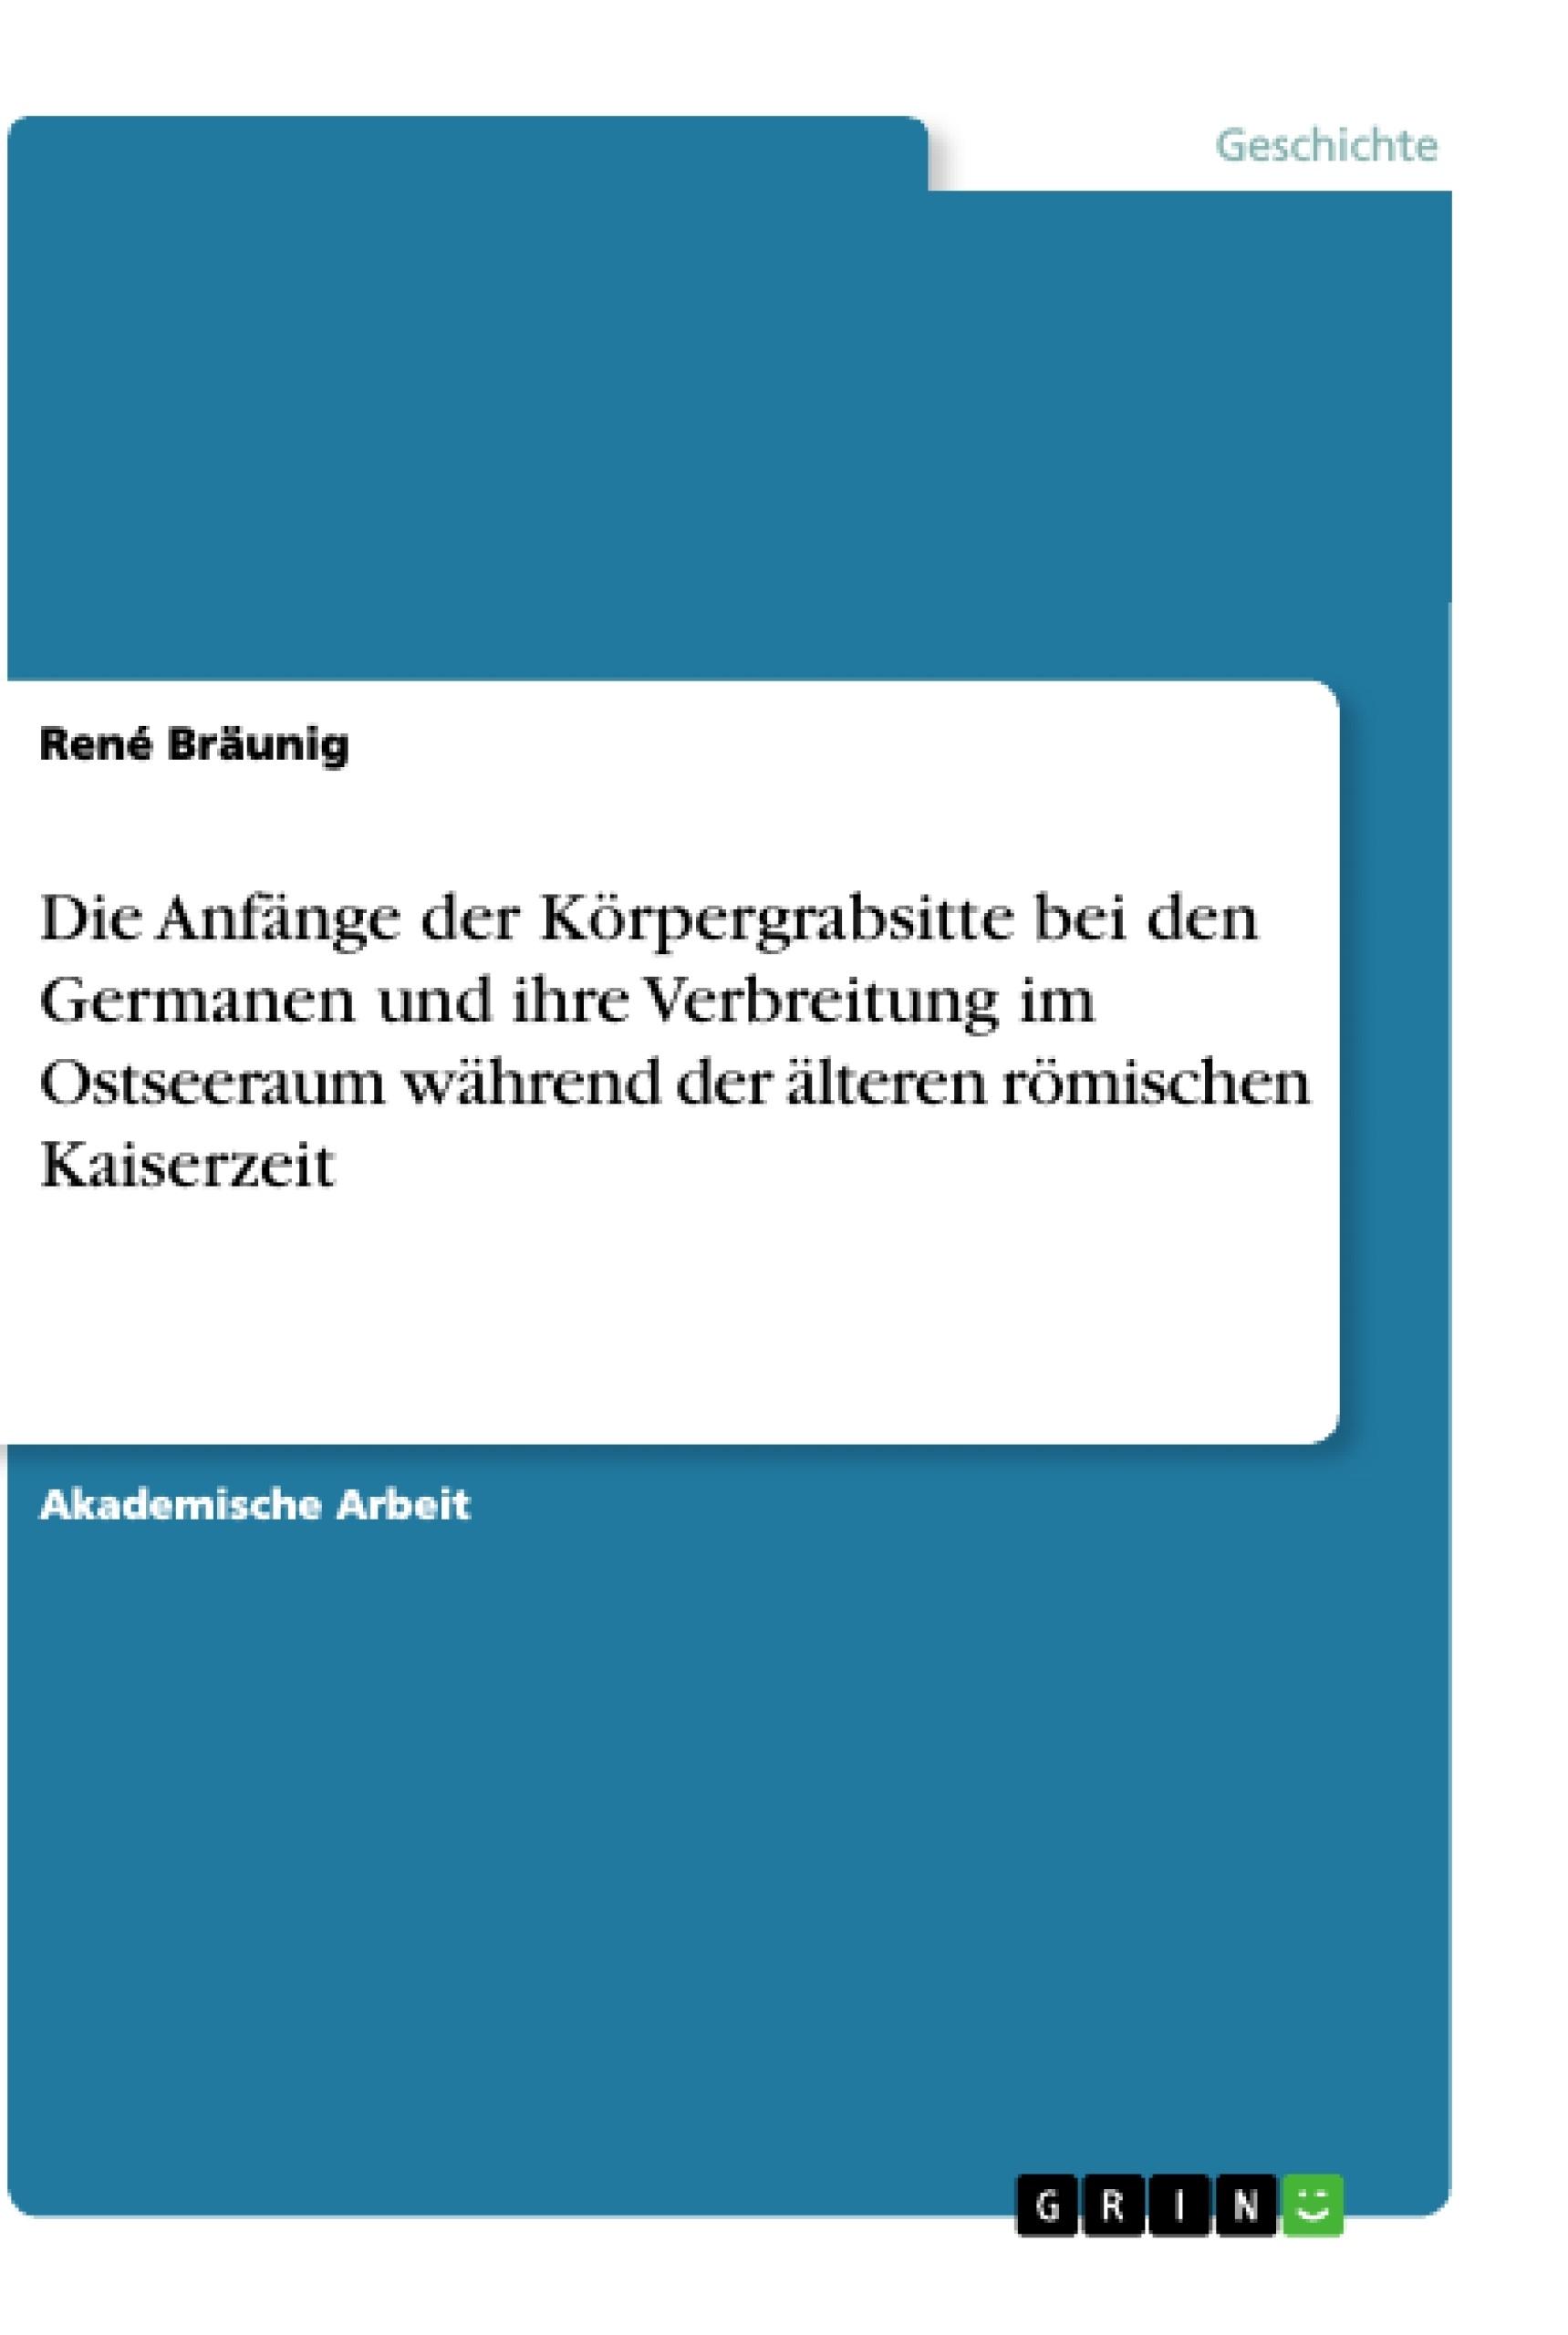 Titel: Die Anfänge der Körpergrabsitte bei den Germanen und ihre Verbreitung im Ostseeraum während der älteren römischen Kaiserzeit